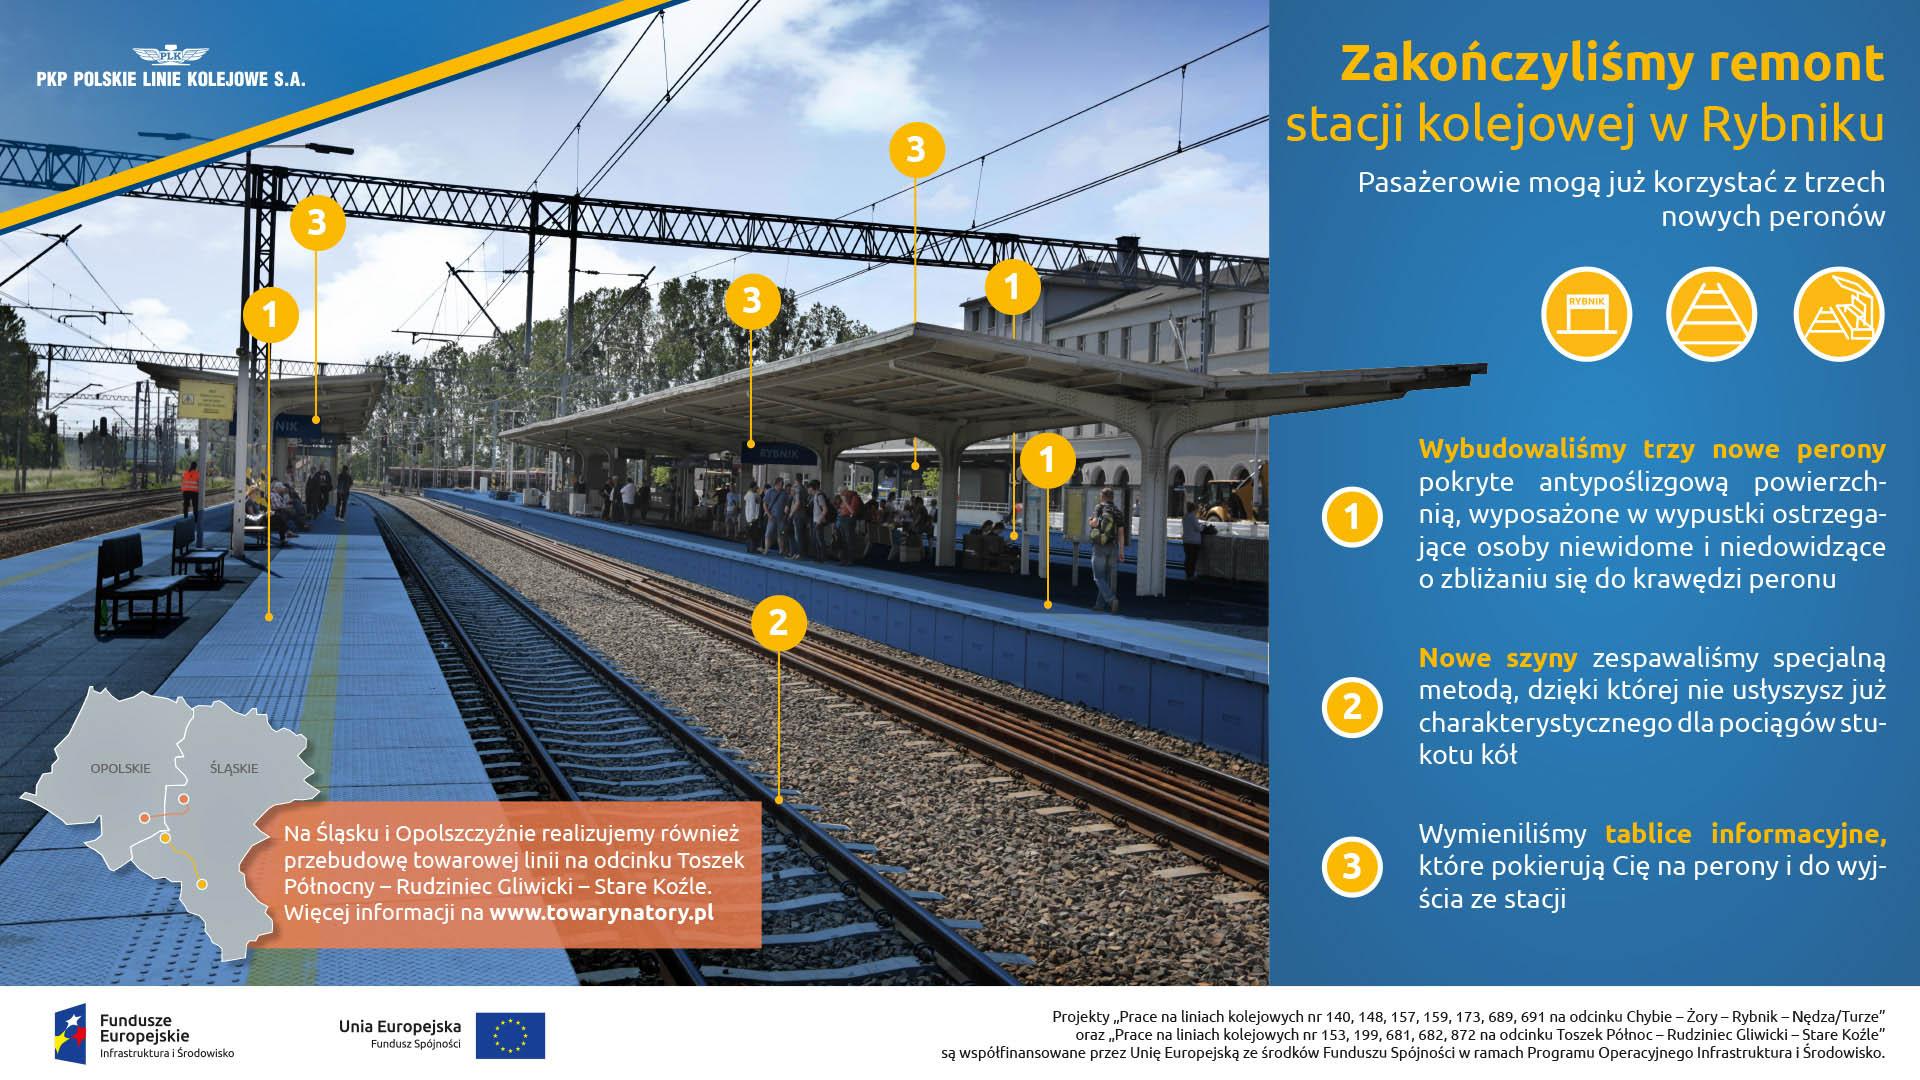 Infografika mówi o zakończeniu remontu w Rybniku. Zostały wybudowane 3 nowe perony, położone zostały nowe szyny i wymienione zostały tablice informacyjne.